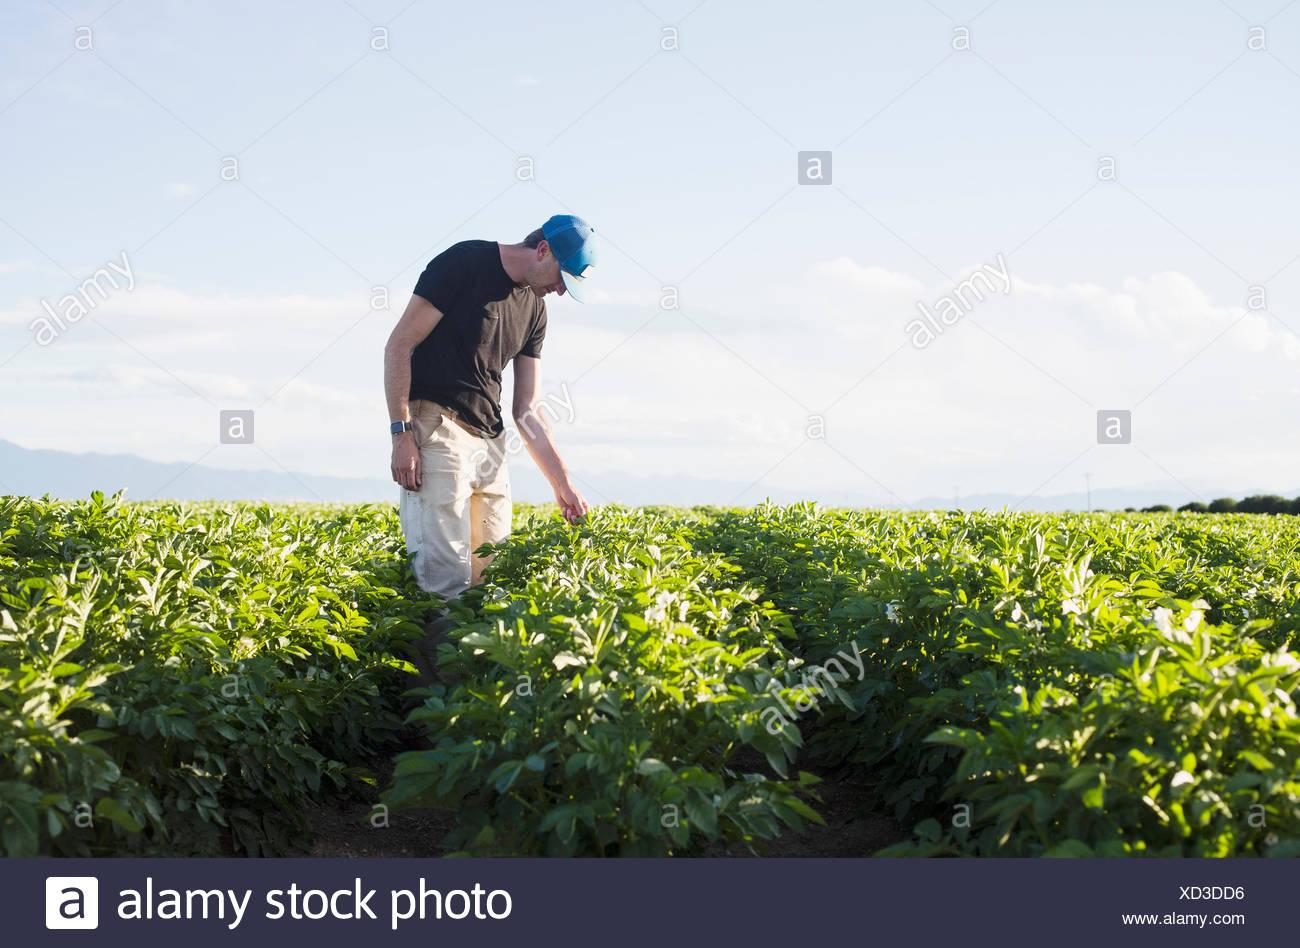 Reifer Mann Blick auf Pflanzen in Feld Stockbild